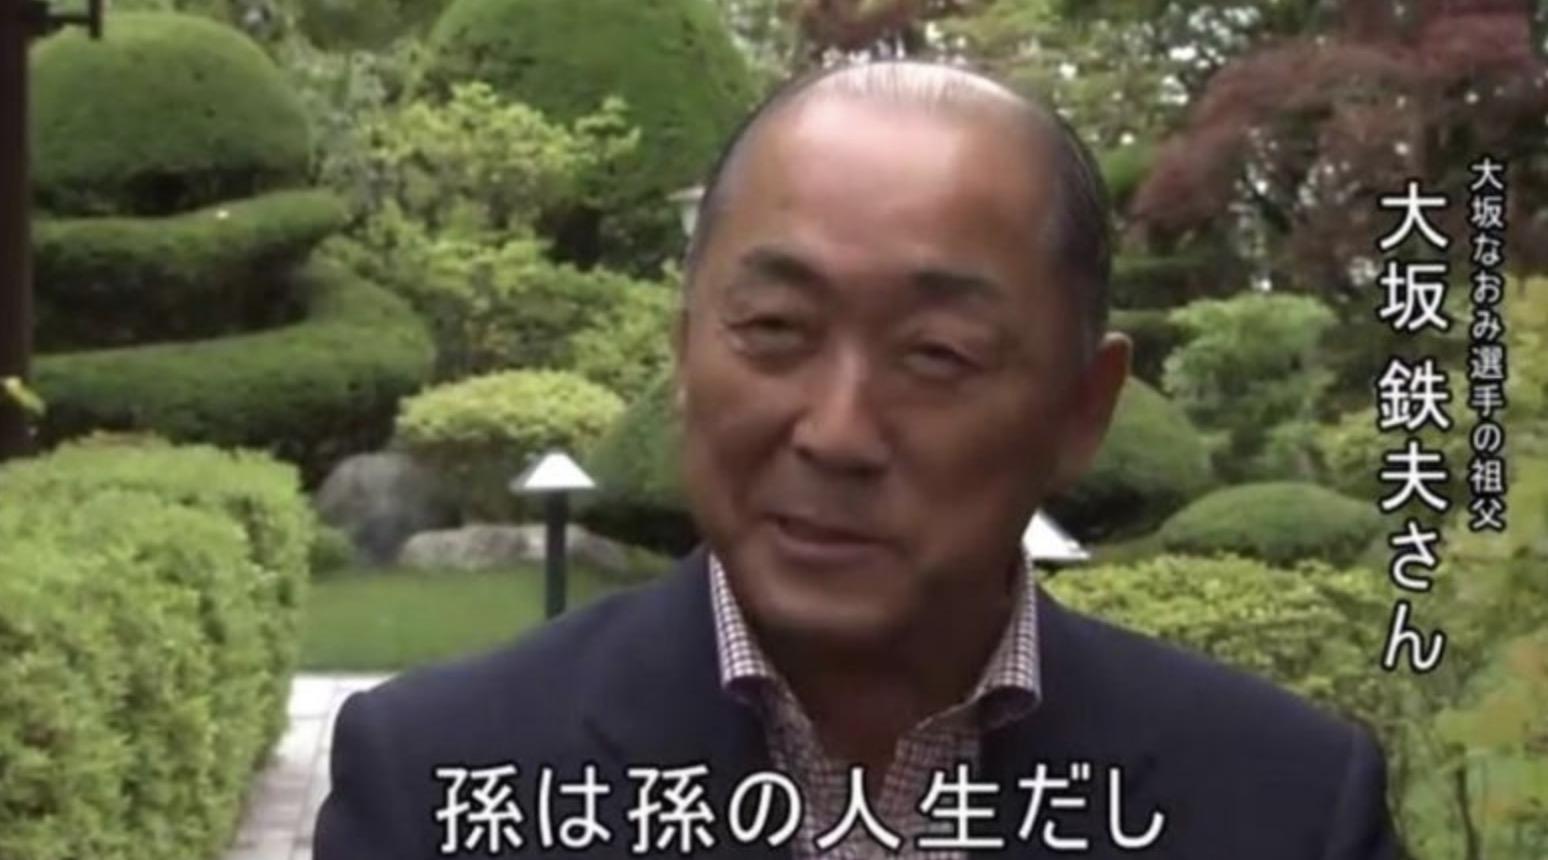 それが今回の大坂なおみさんの全米オープン優勝という快挙への嬉しさのあまりにメディアの取材に答えてしまったそう笑